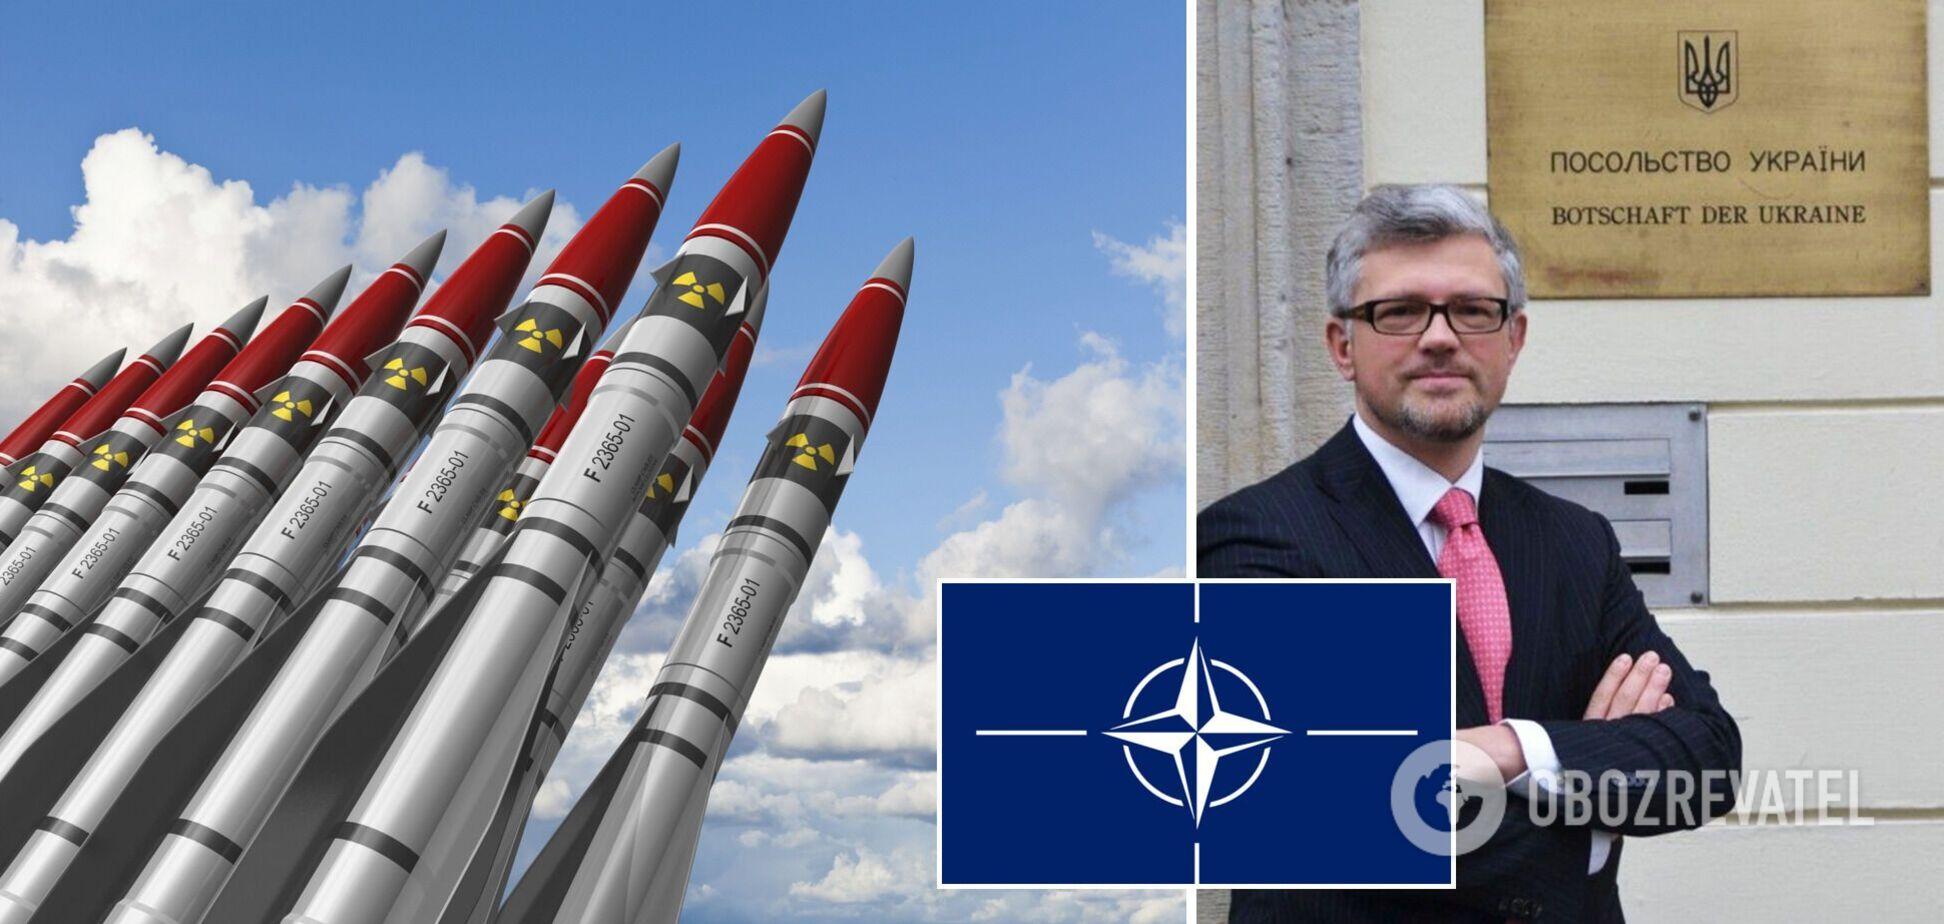 Украина может восстановить ядерный статус, если не вступит в НАТО, – посол в Германии